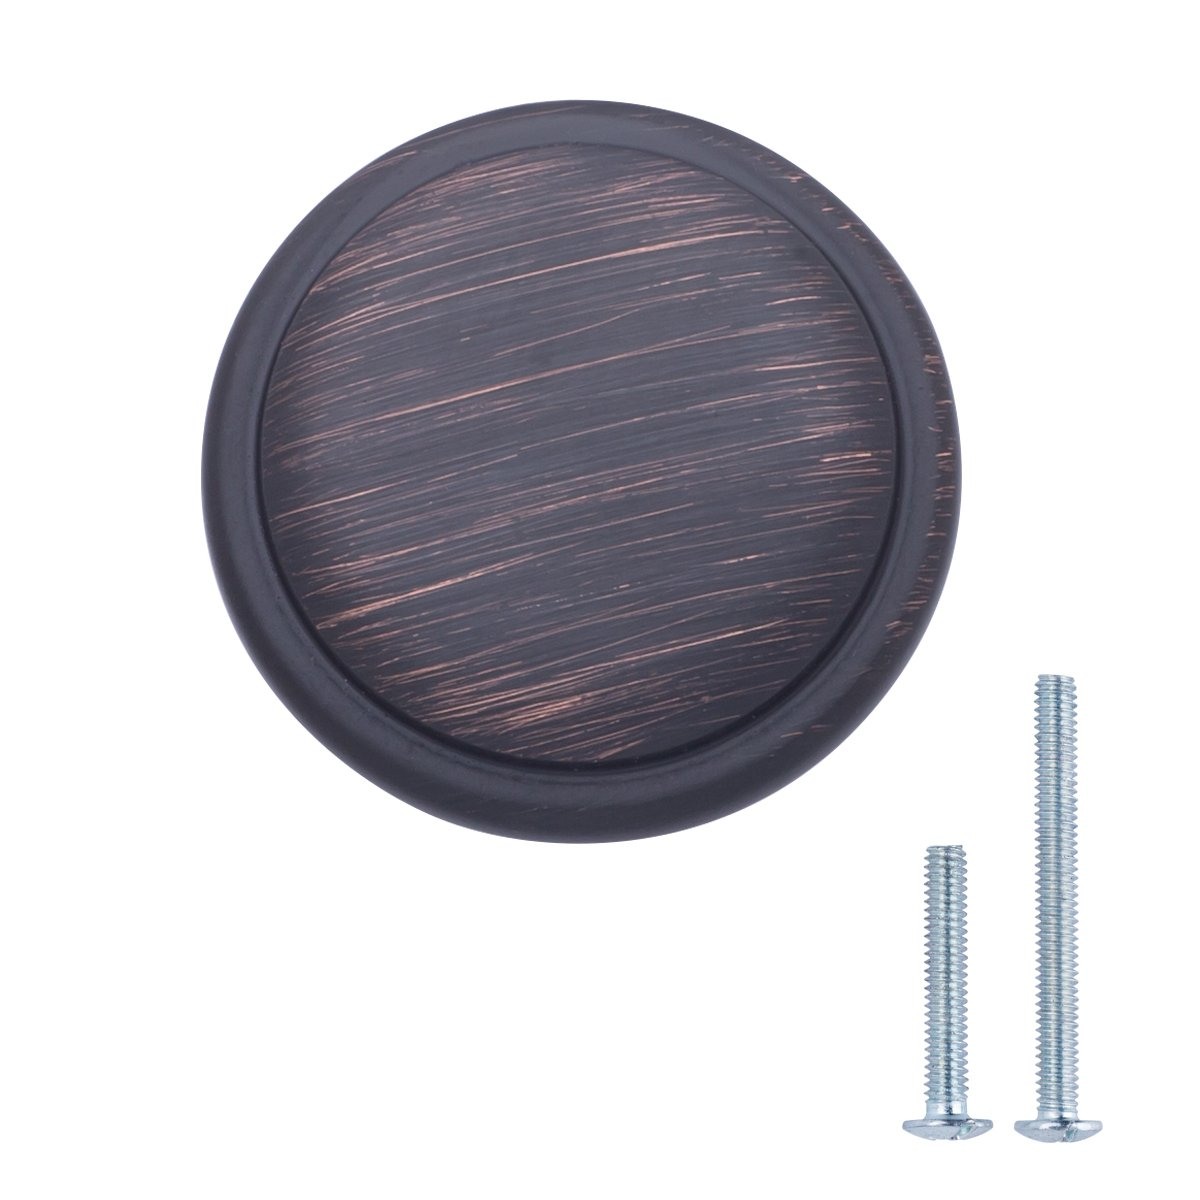 2.90 cm de di/ámetro plata envejecida con forma de seta aplanada paquete de 10 Basics Pomo de armario